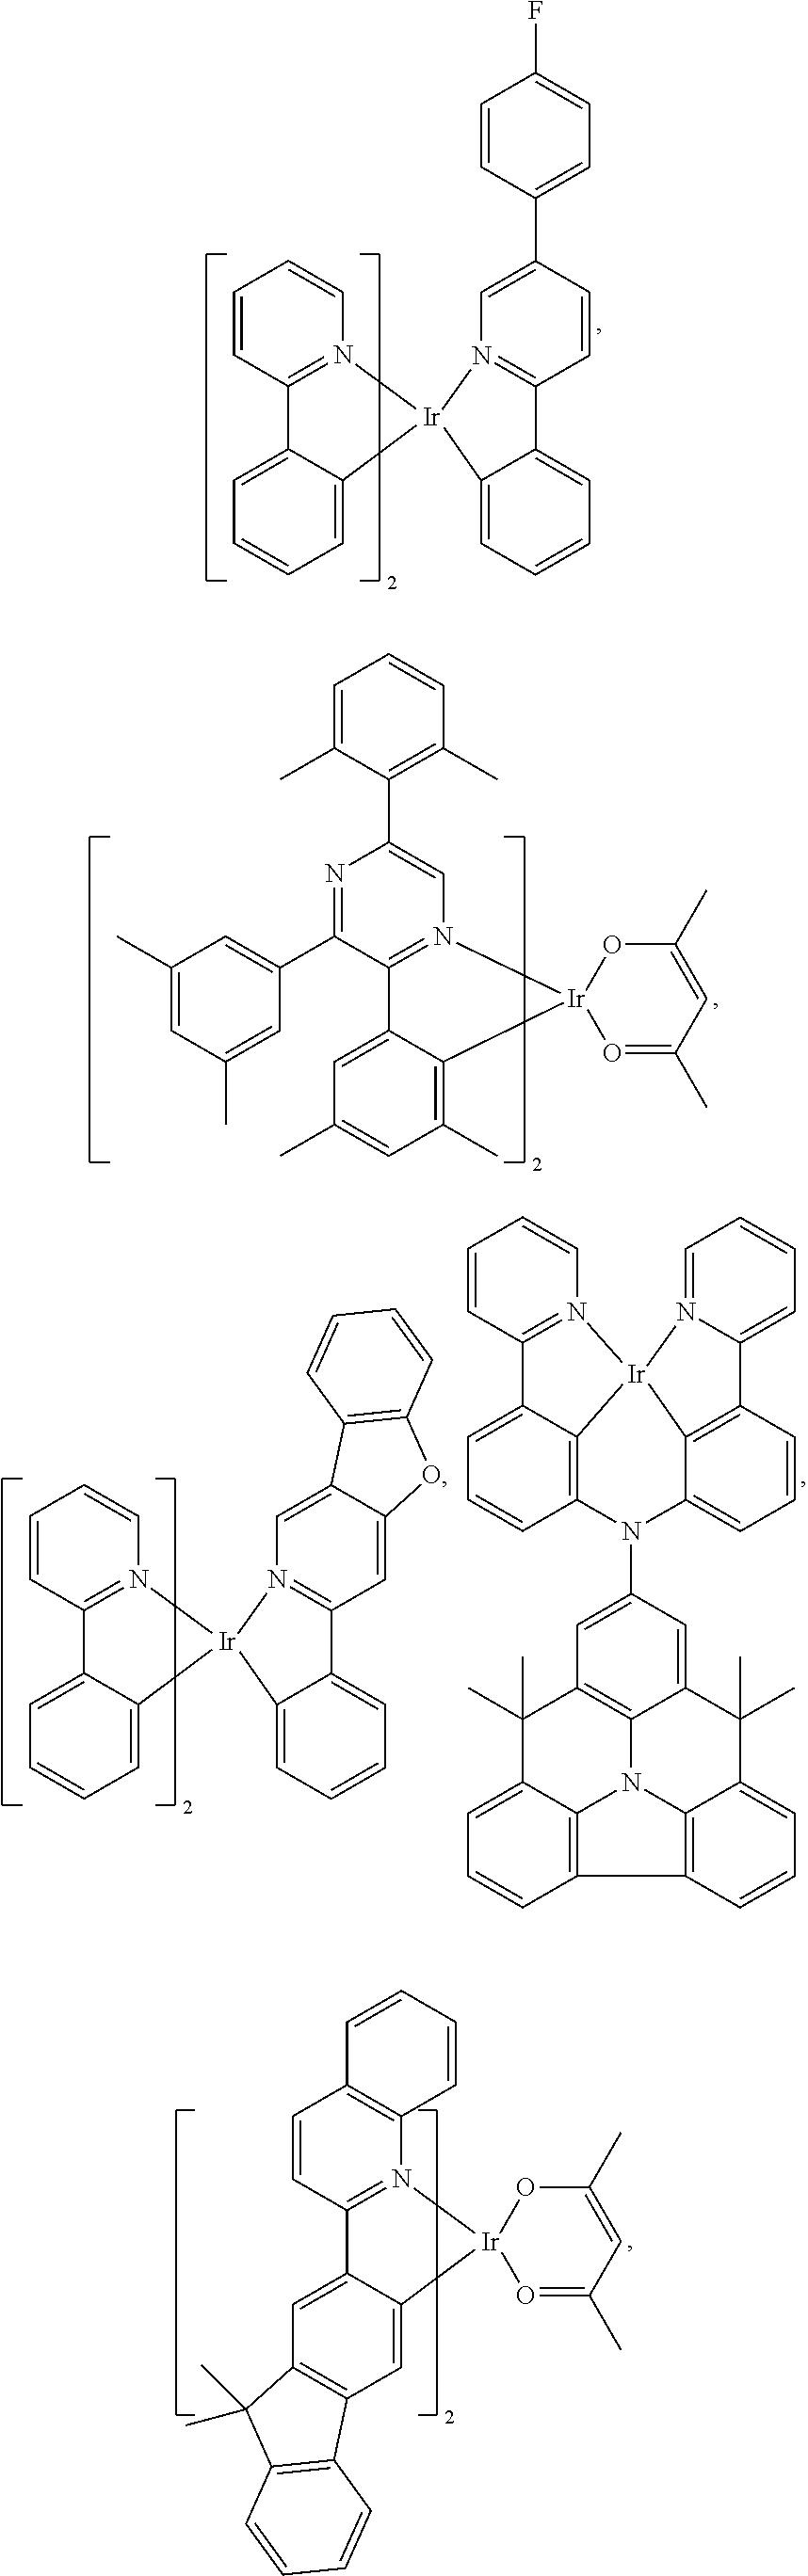 Figure US09978956-20180522-C00083